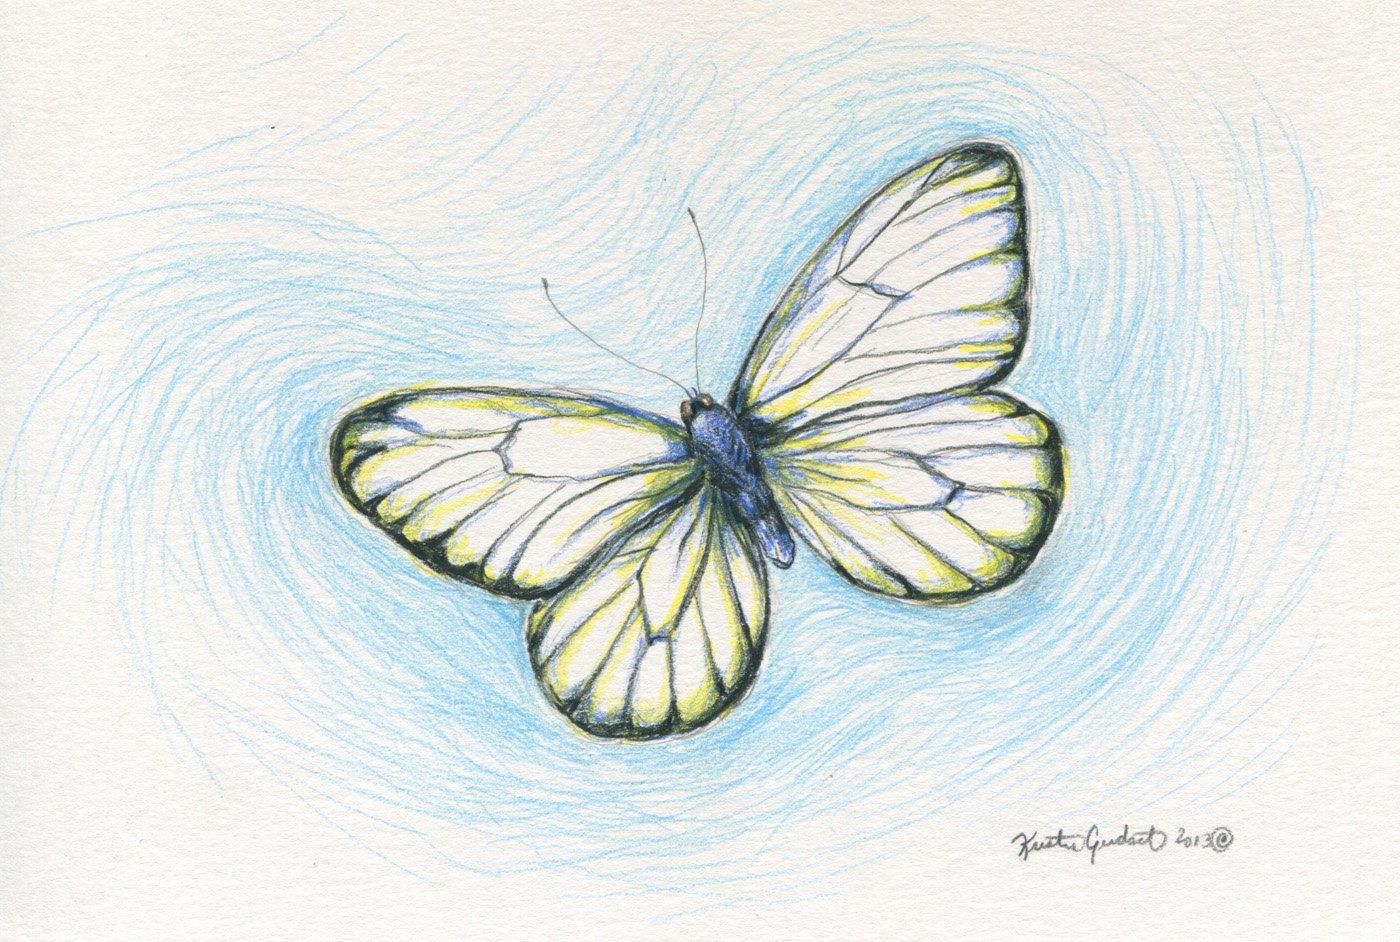 красивые рисунки карандашом цветным простые гостей